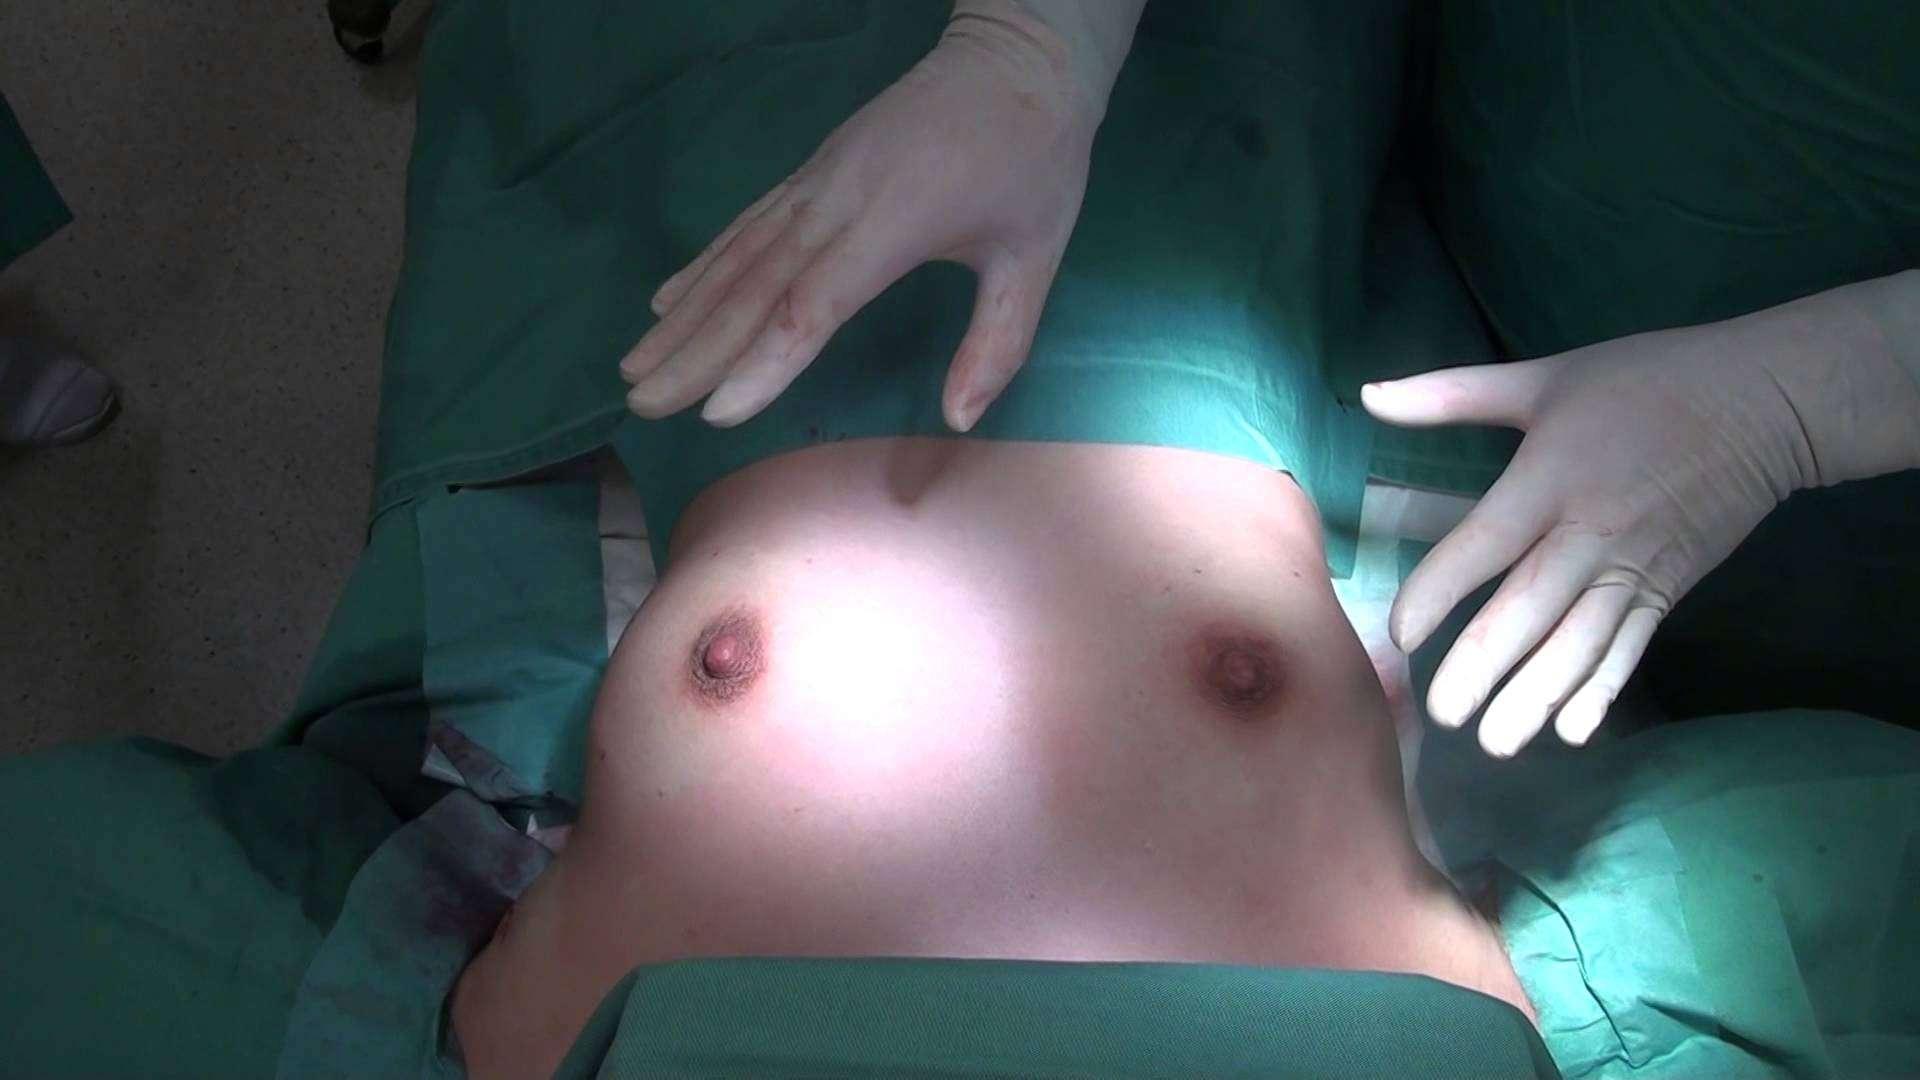 高須クリニック  豊胸シリコンプロテーゼ除去し、ヒアルロン酸注射  手術直後の映像① 寝た状態 術後の腫れ、経過、痛み、ダウンタイム、傷跡について - YouTube